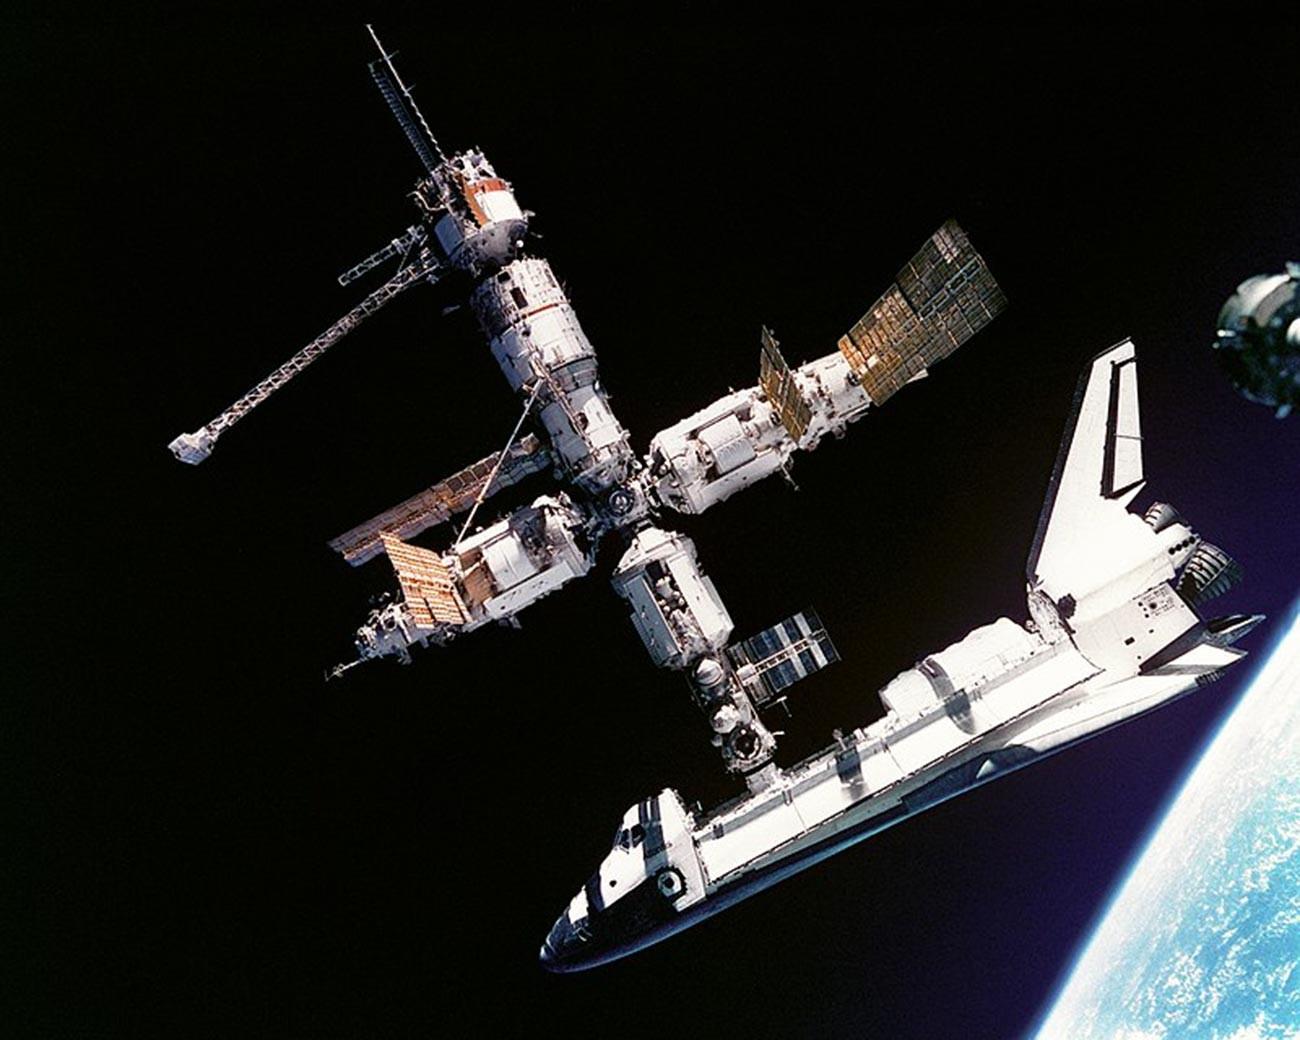 La navette spatiale Atlantis amarrée à la station Mir le 4 juillet 1995